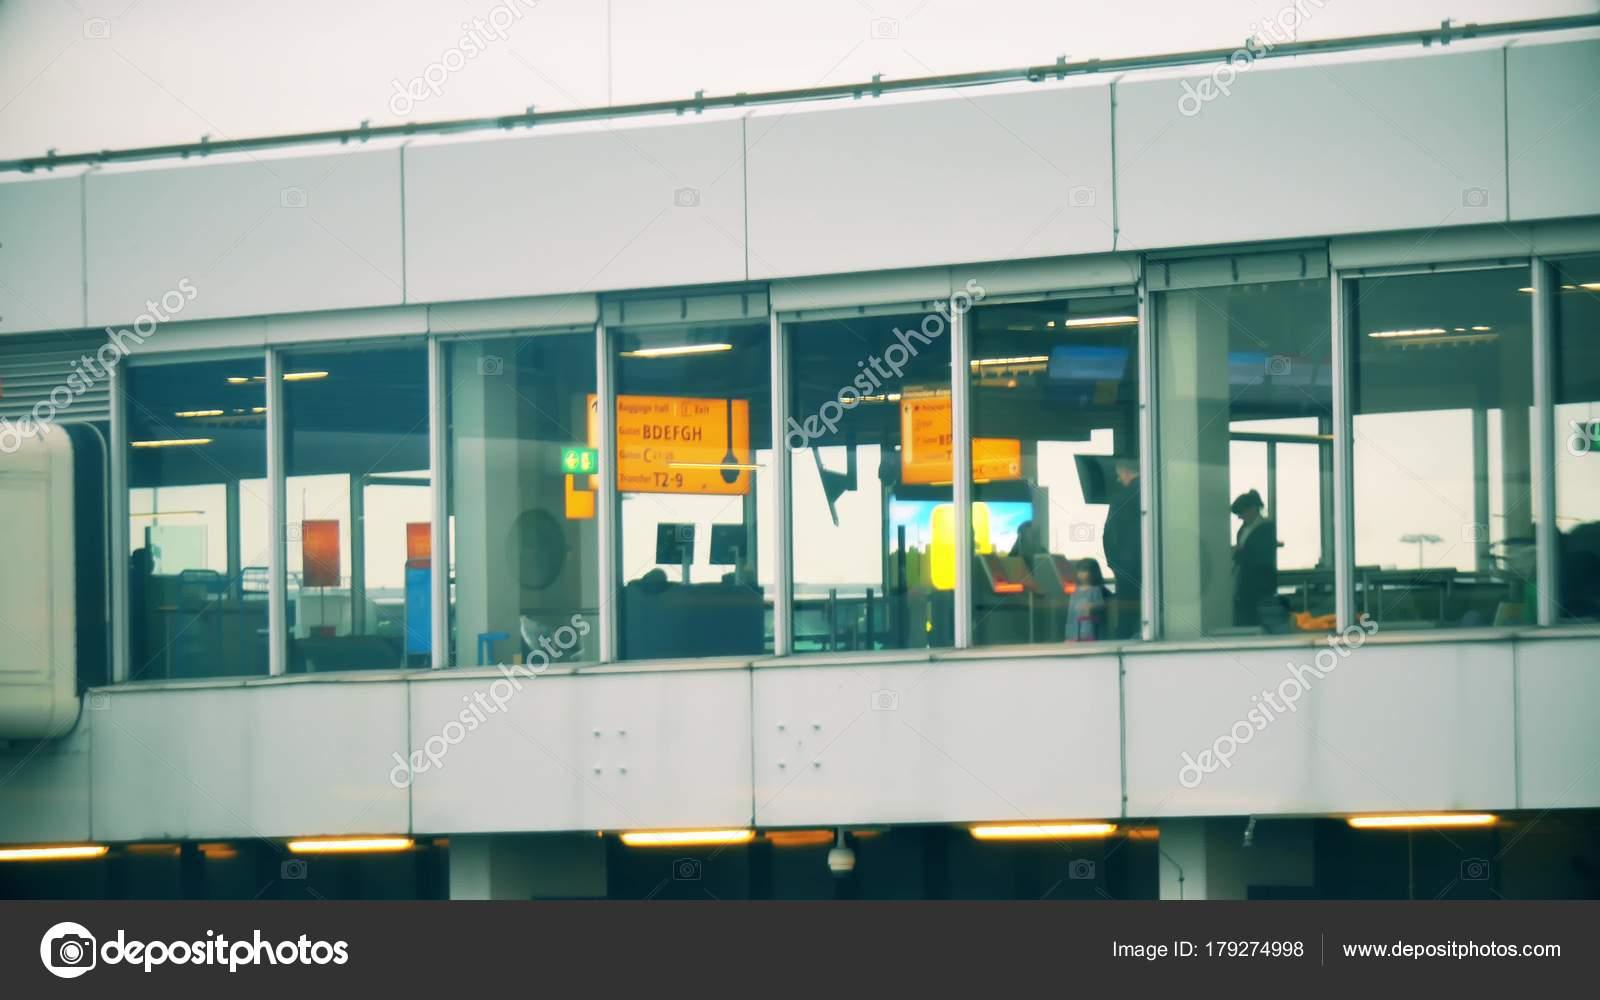 Aeroporto Zurigo Partenze : I passeggeri sconosciuti nella sala partenze dell aeroporto